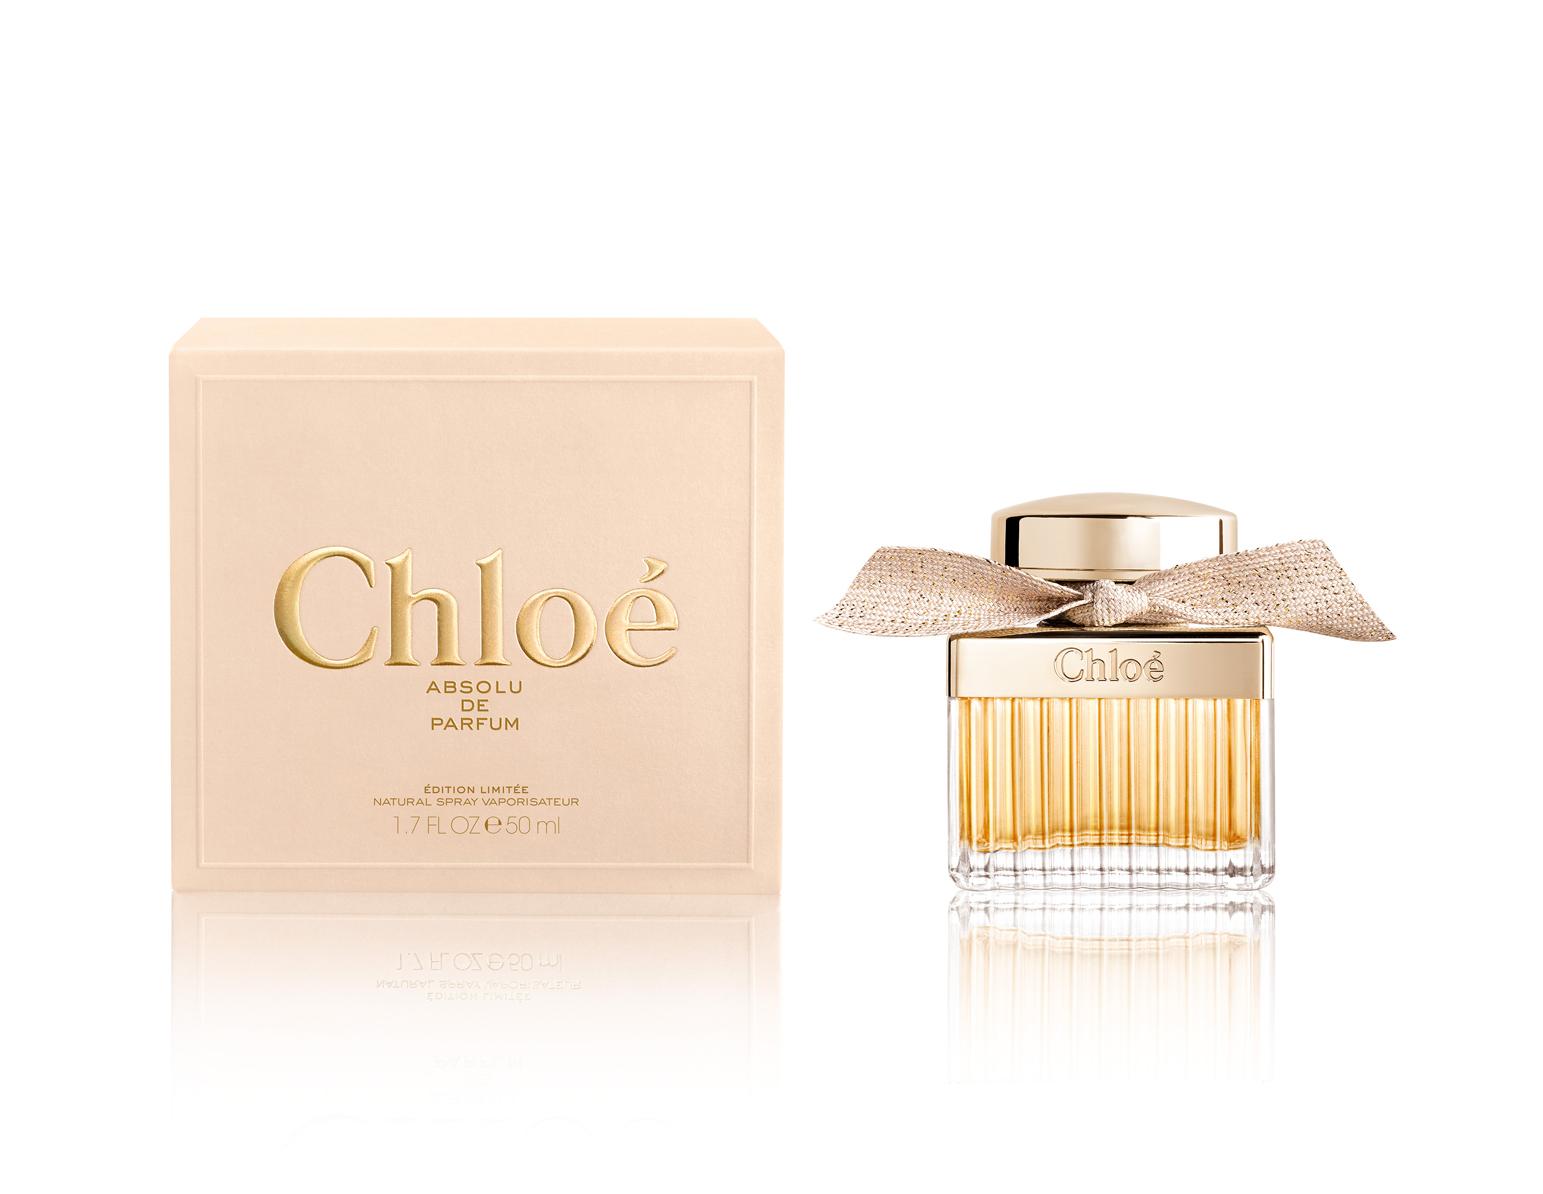 Absolu-de-Parfum-50ml